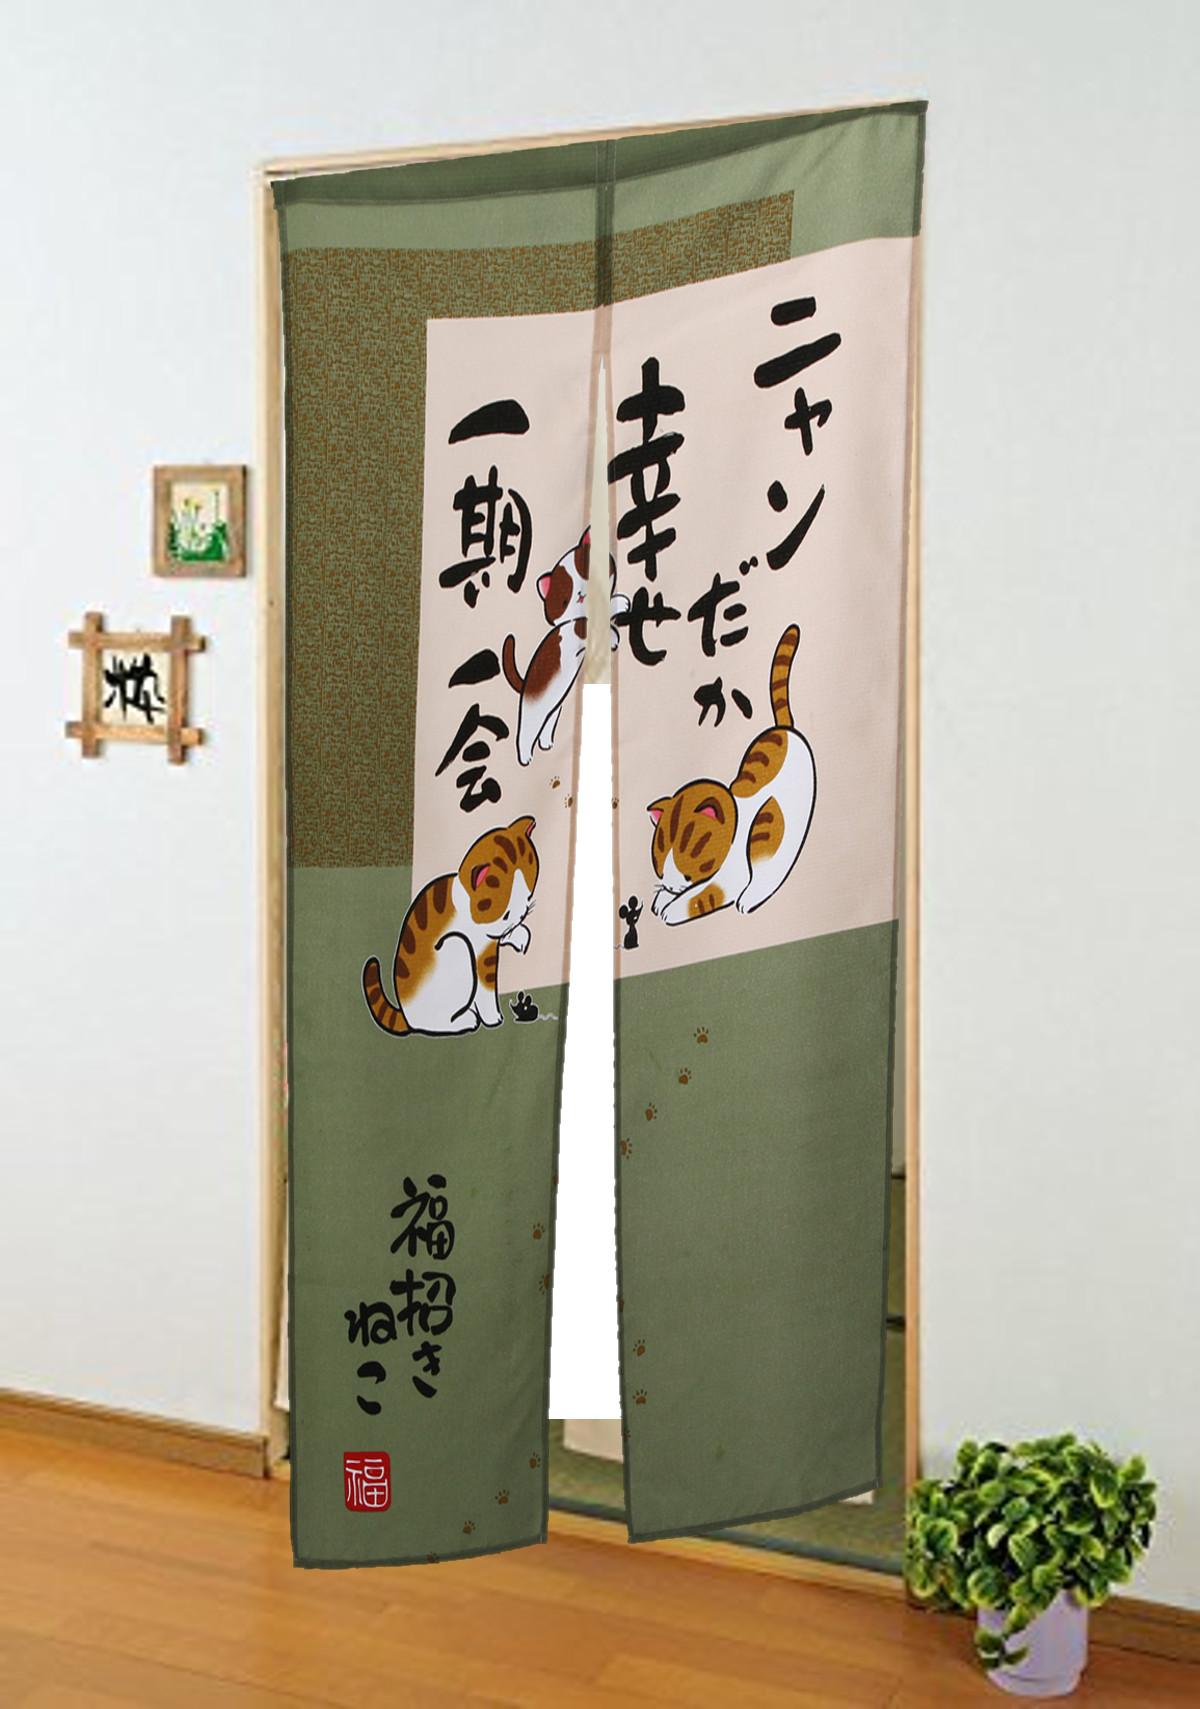 85cm x 150cm Rideaux de Porte de Style Japonais Sushi Bar D/écor de Restaurant Noren Rideau moiti/é /écran